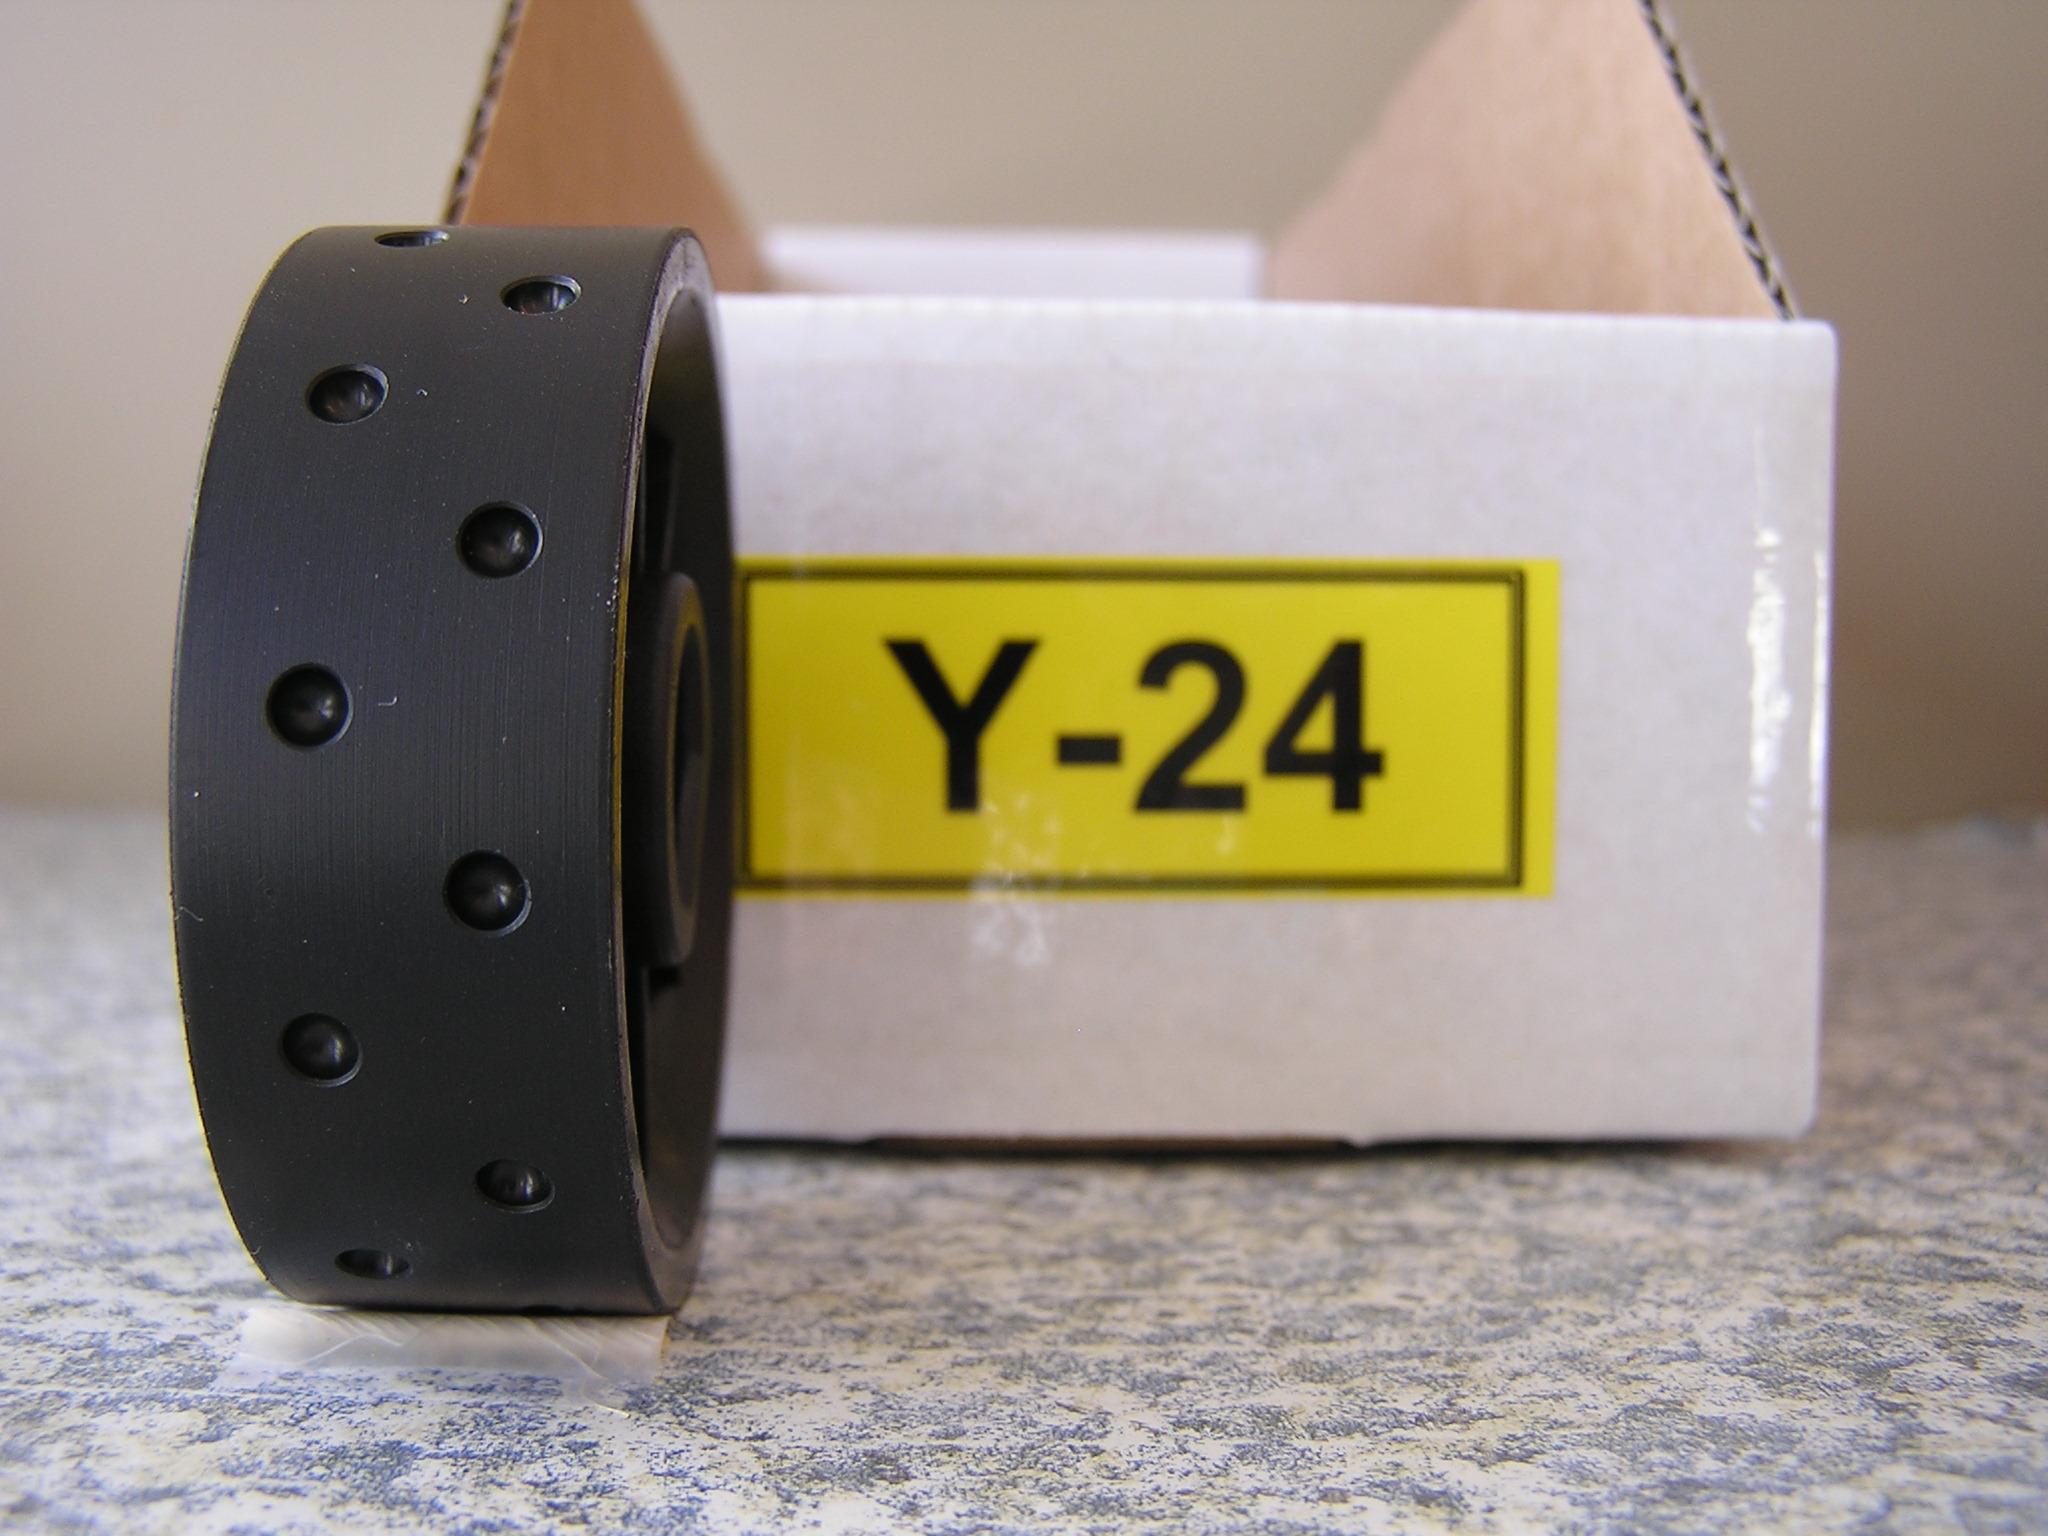 Y-24 Roller for Jang Seeder, 3.5 mm Slot, 24 Slots on the Roller